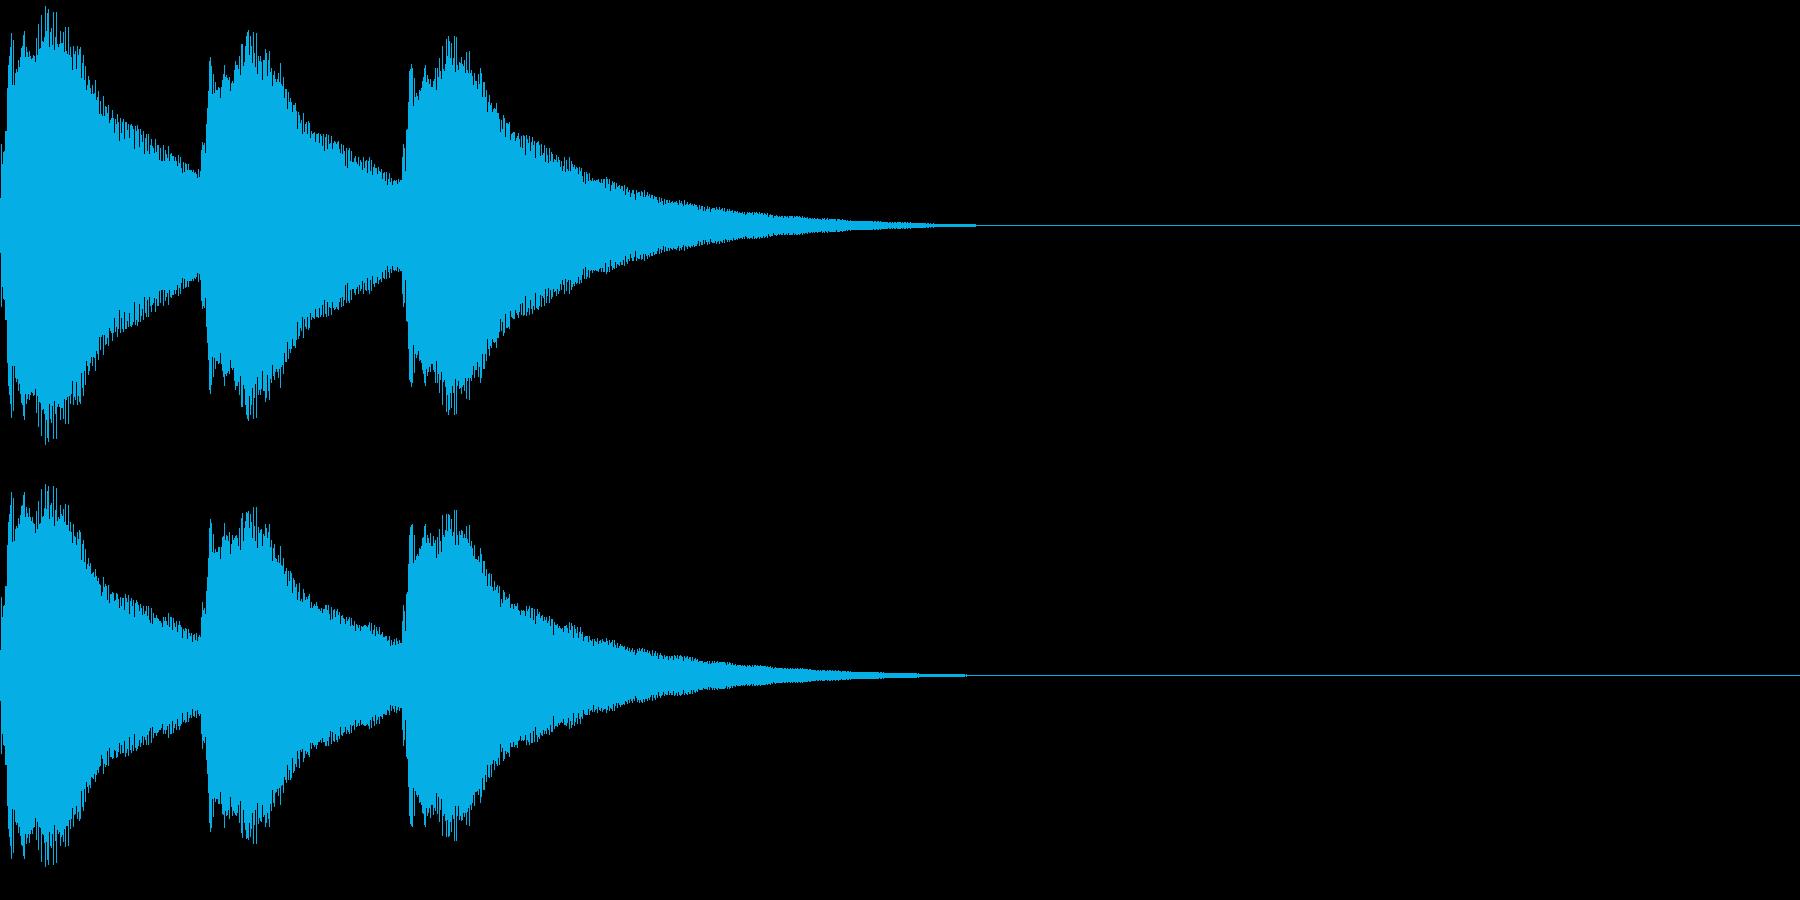 カンカンカーン プロレスゴングの音の再生済みの波形